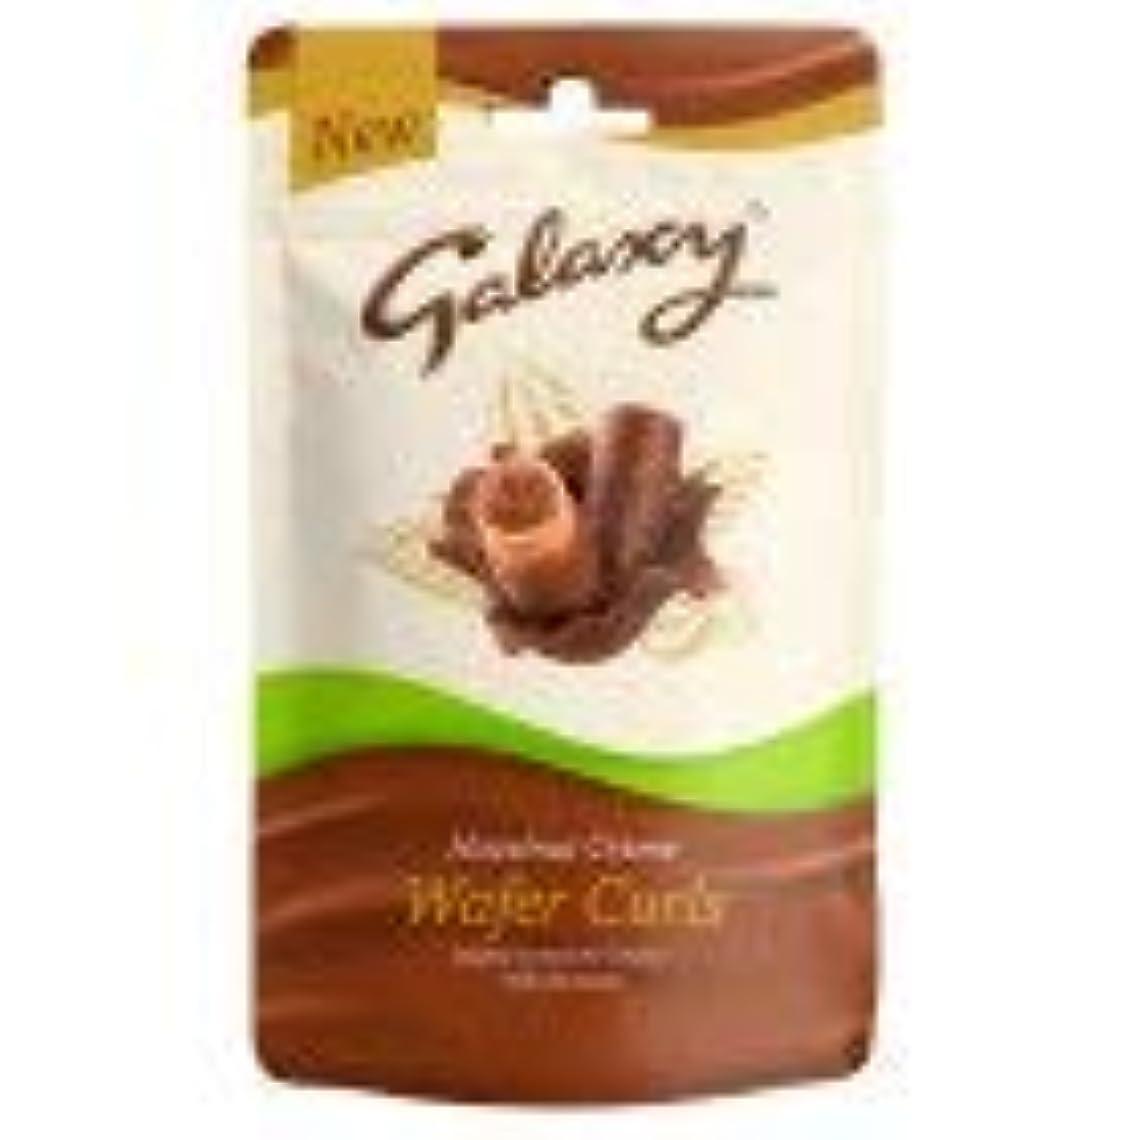 時制正当化するきらめきGalaxy - Hazelnut Creme Wafer Curls - 90g x 3 packs - ギャラクシー - ヘーゼルナッツクリームウエハースカール - 90g x 3パック